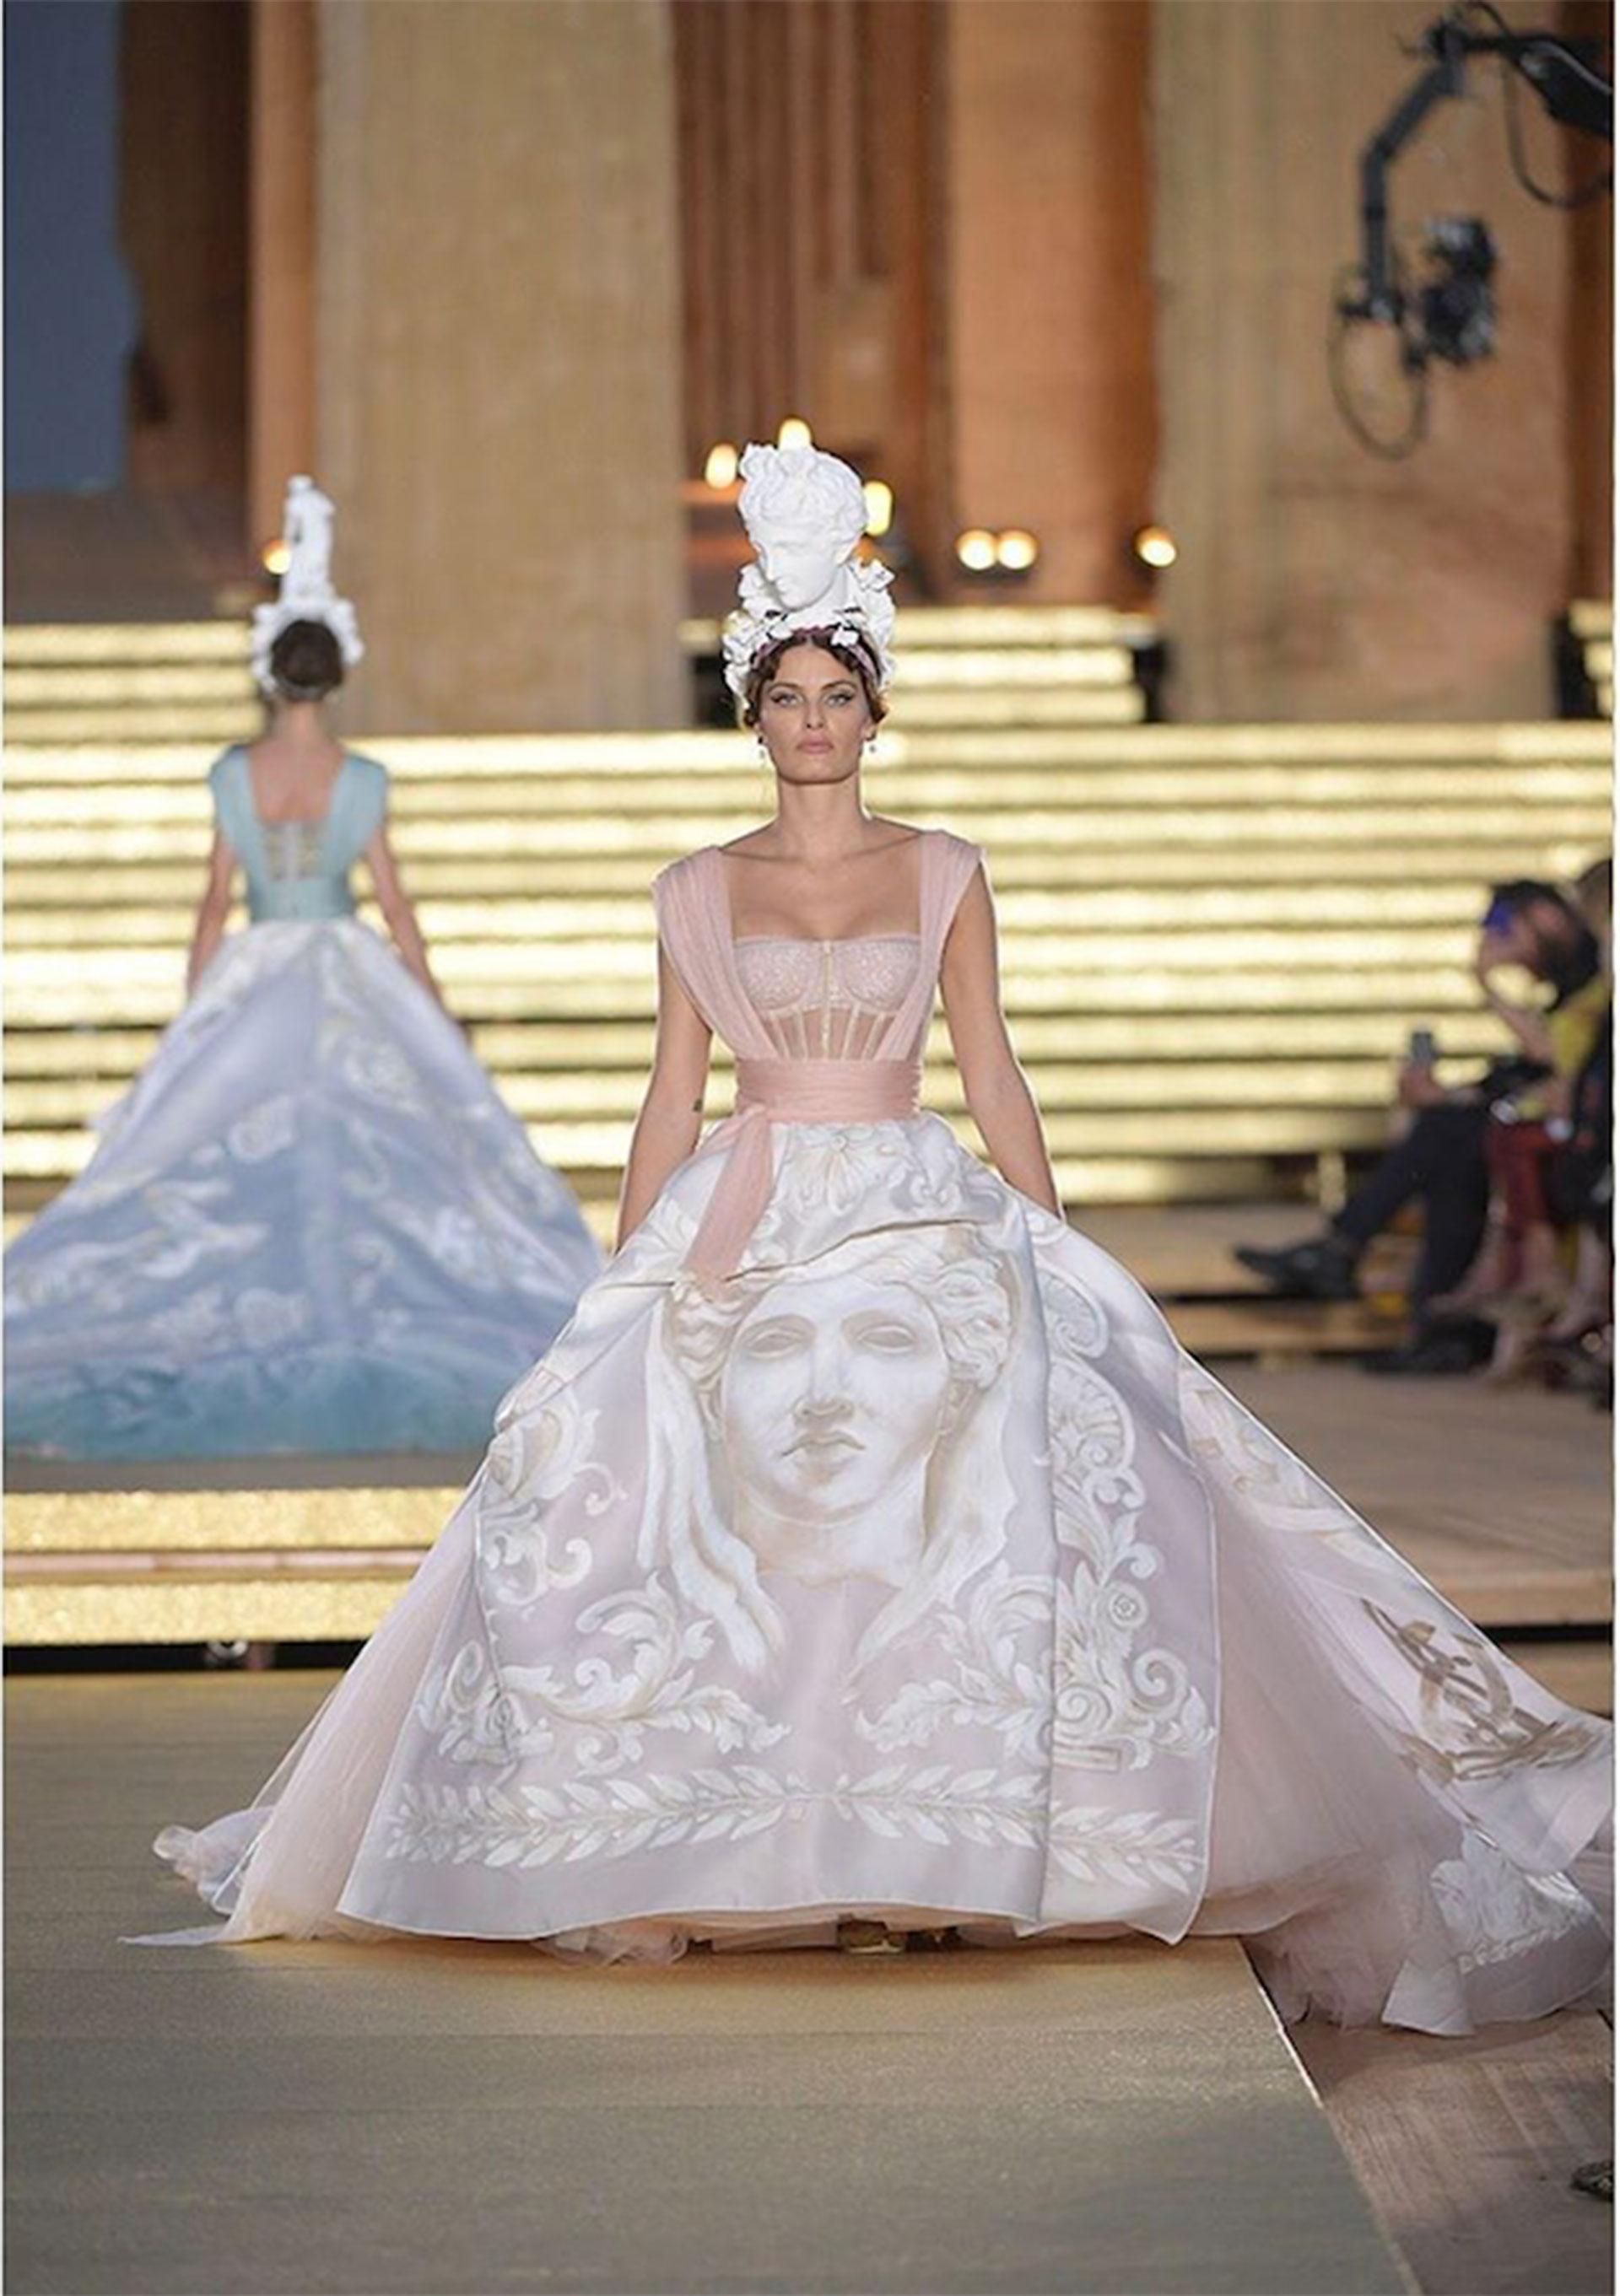 La top model brasilera Isabeli Fontanallevaun vestido con corsé de tul ilusionado. La falda drapeada de organza doble está pintada a mano y cuenta las obras y cualidades de Hera.